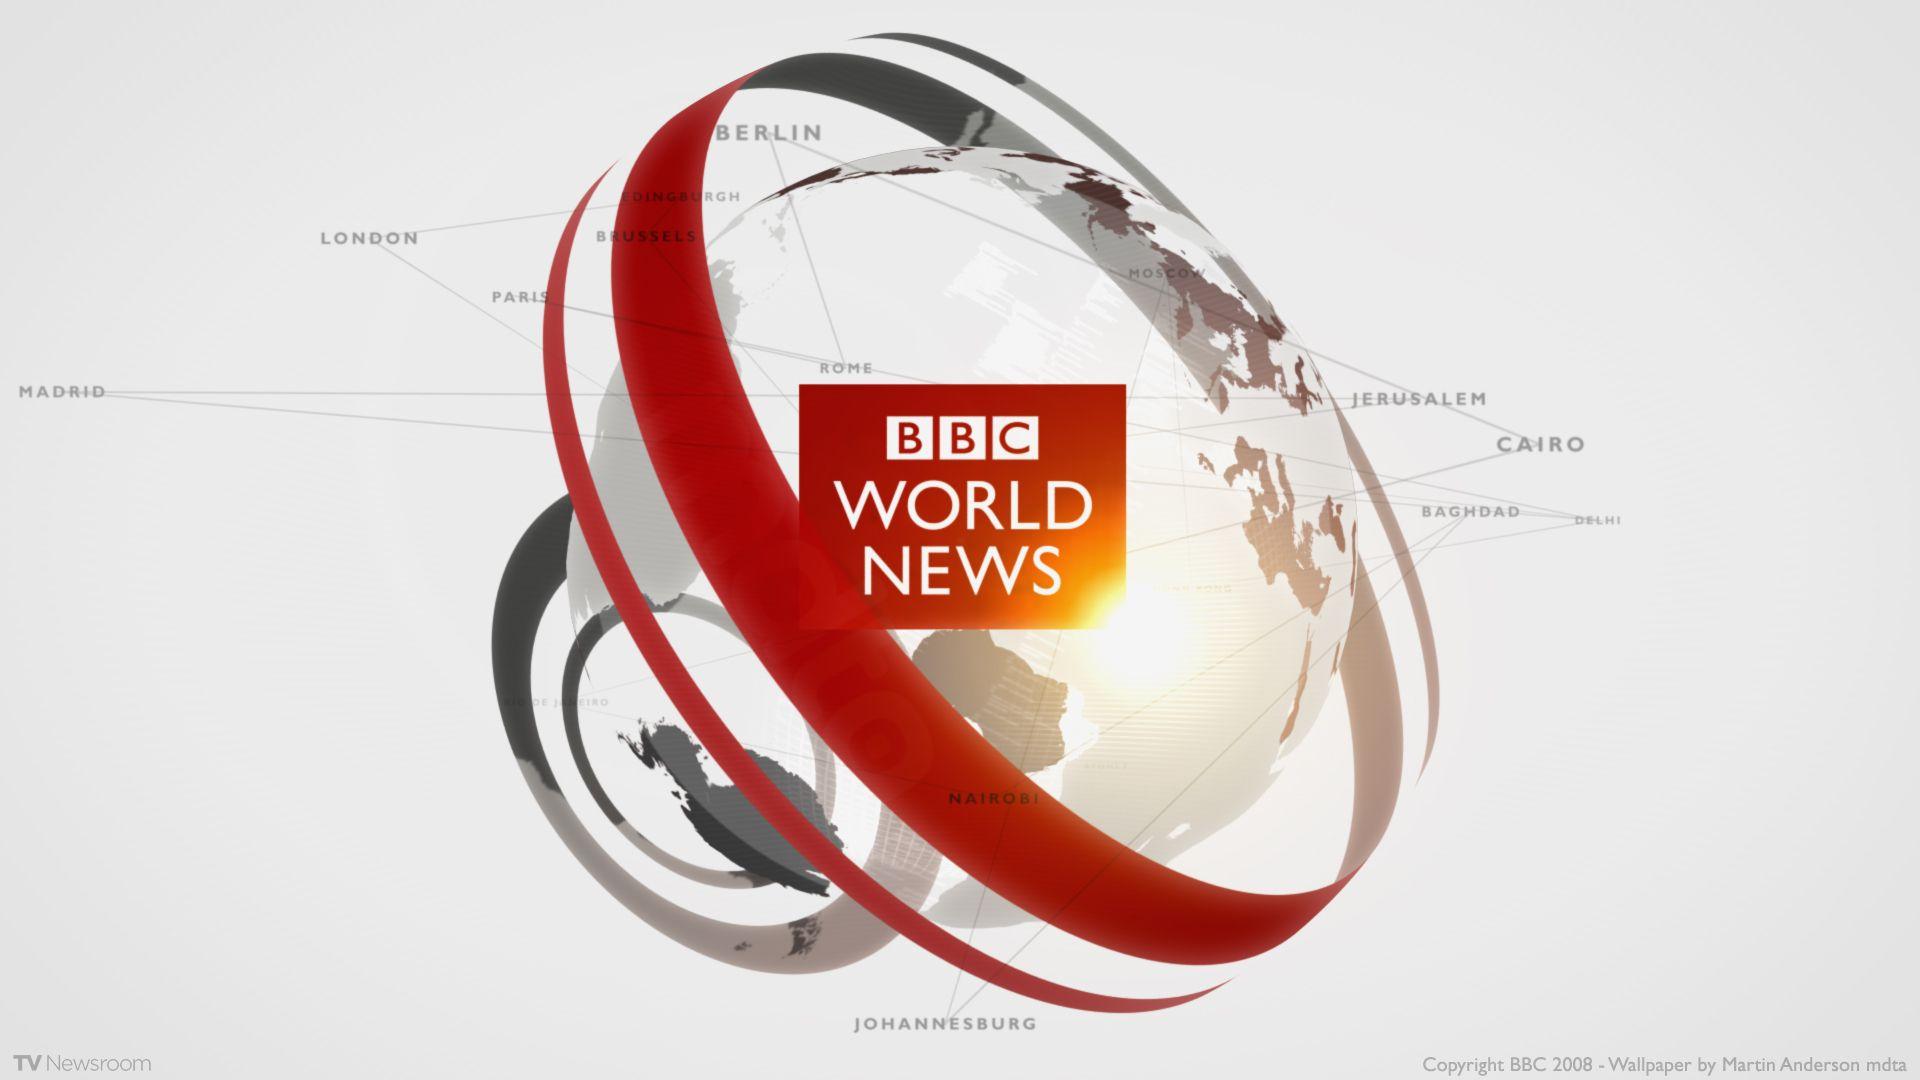 Cómo trabajar en la cadena británica BBC